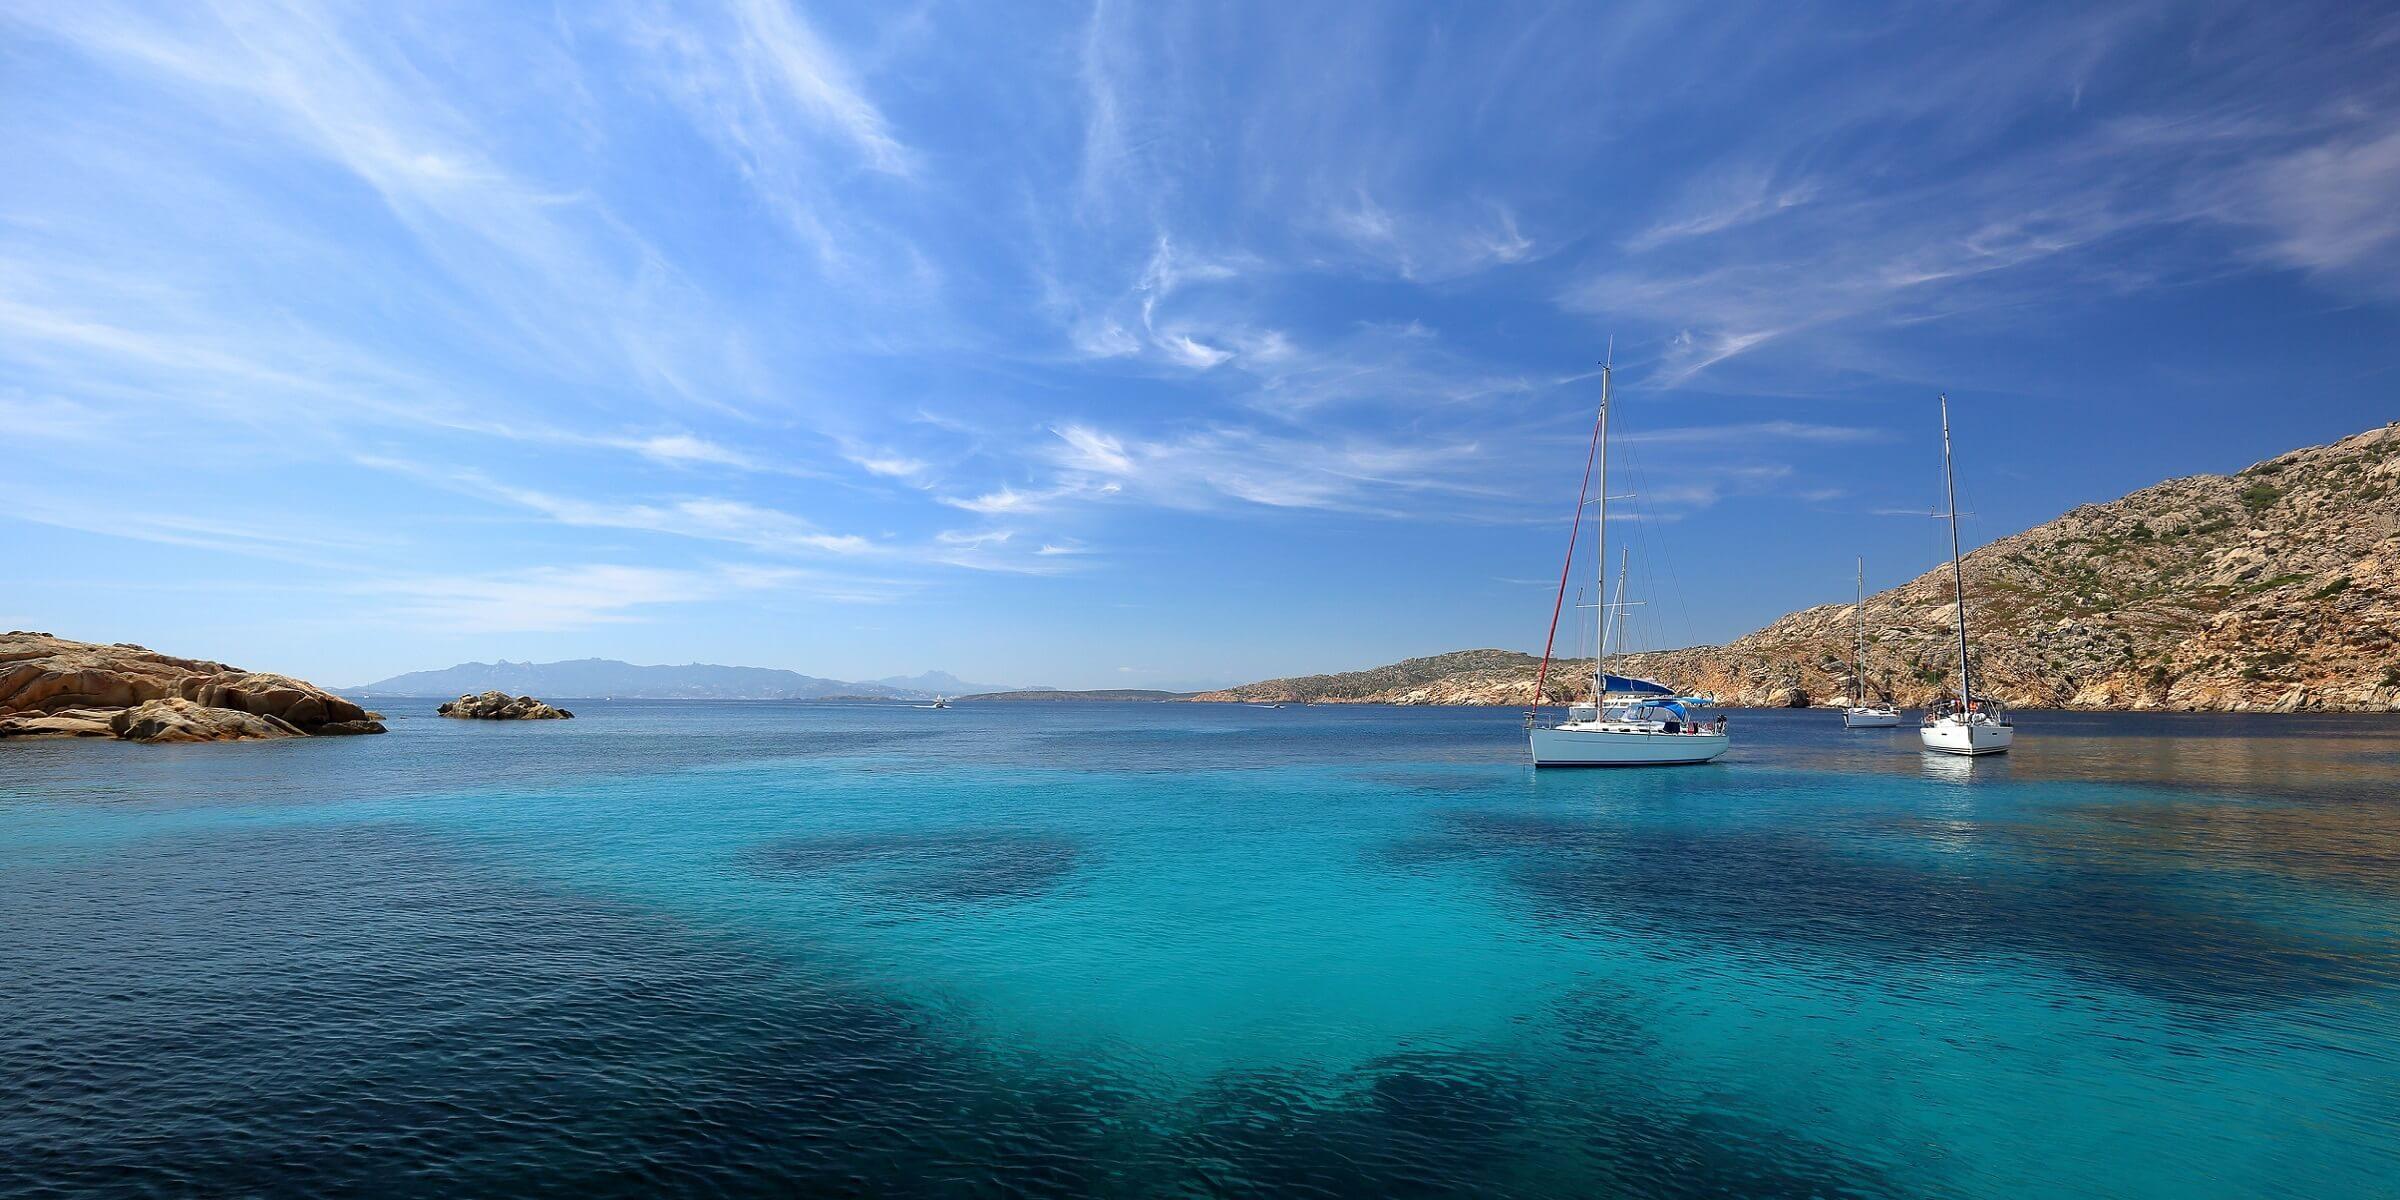 Das Meer um Sardinien ist einfach traumhaft, kein Wunder das die Insel oft die kleine Schwester der Karibik genannt wird